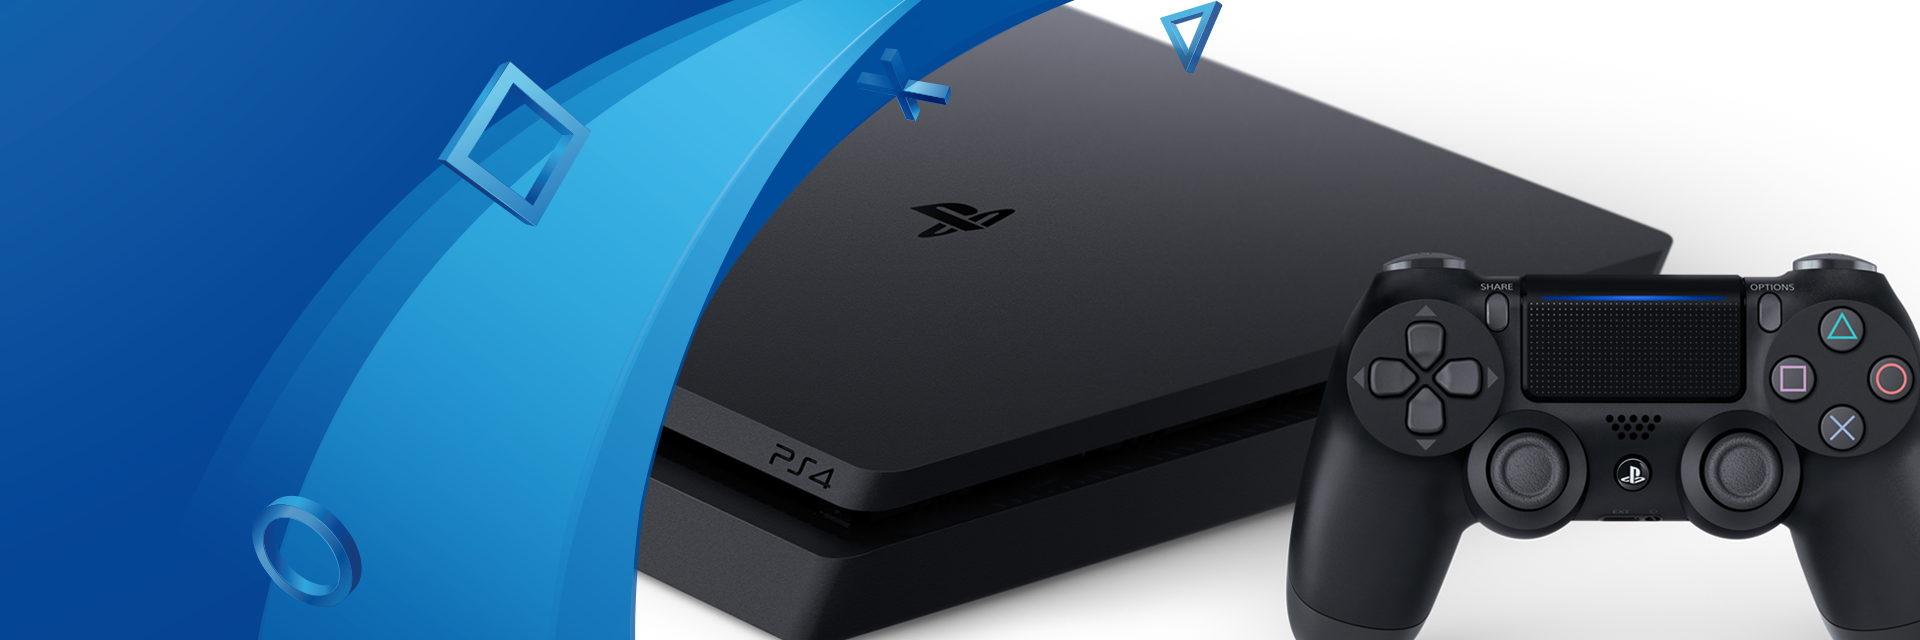 PS4®の魅力